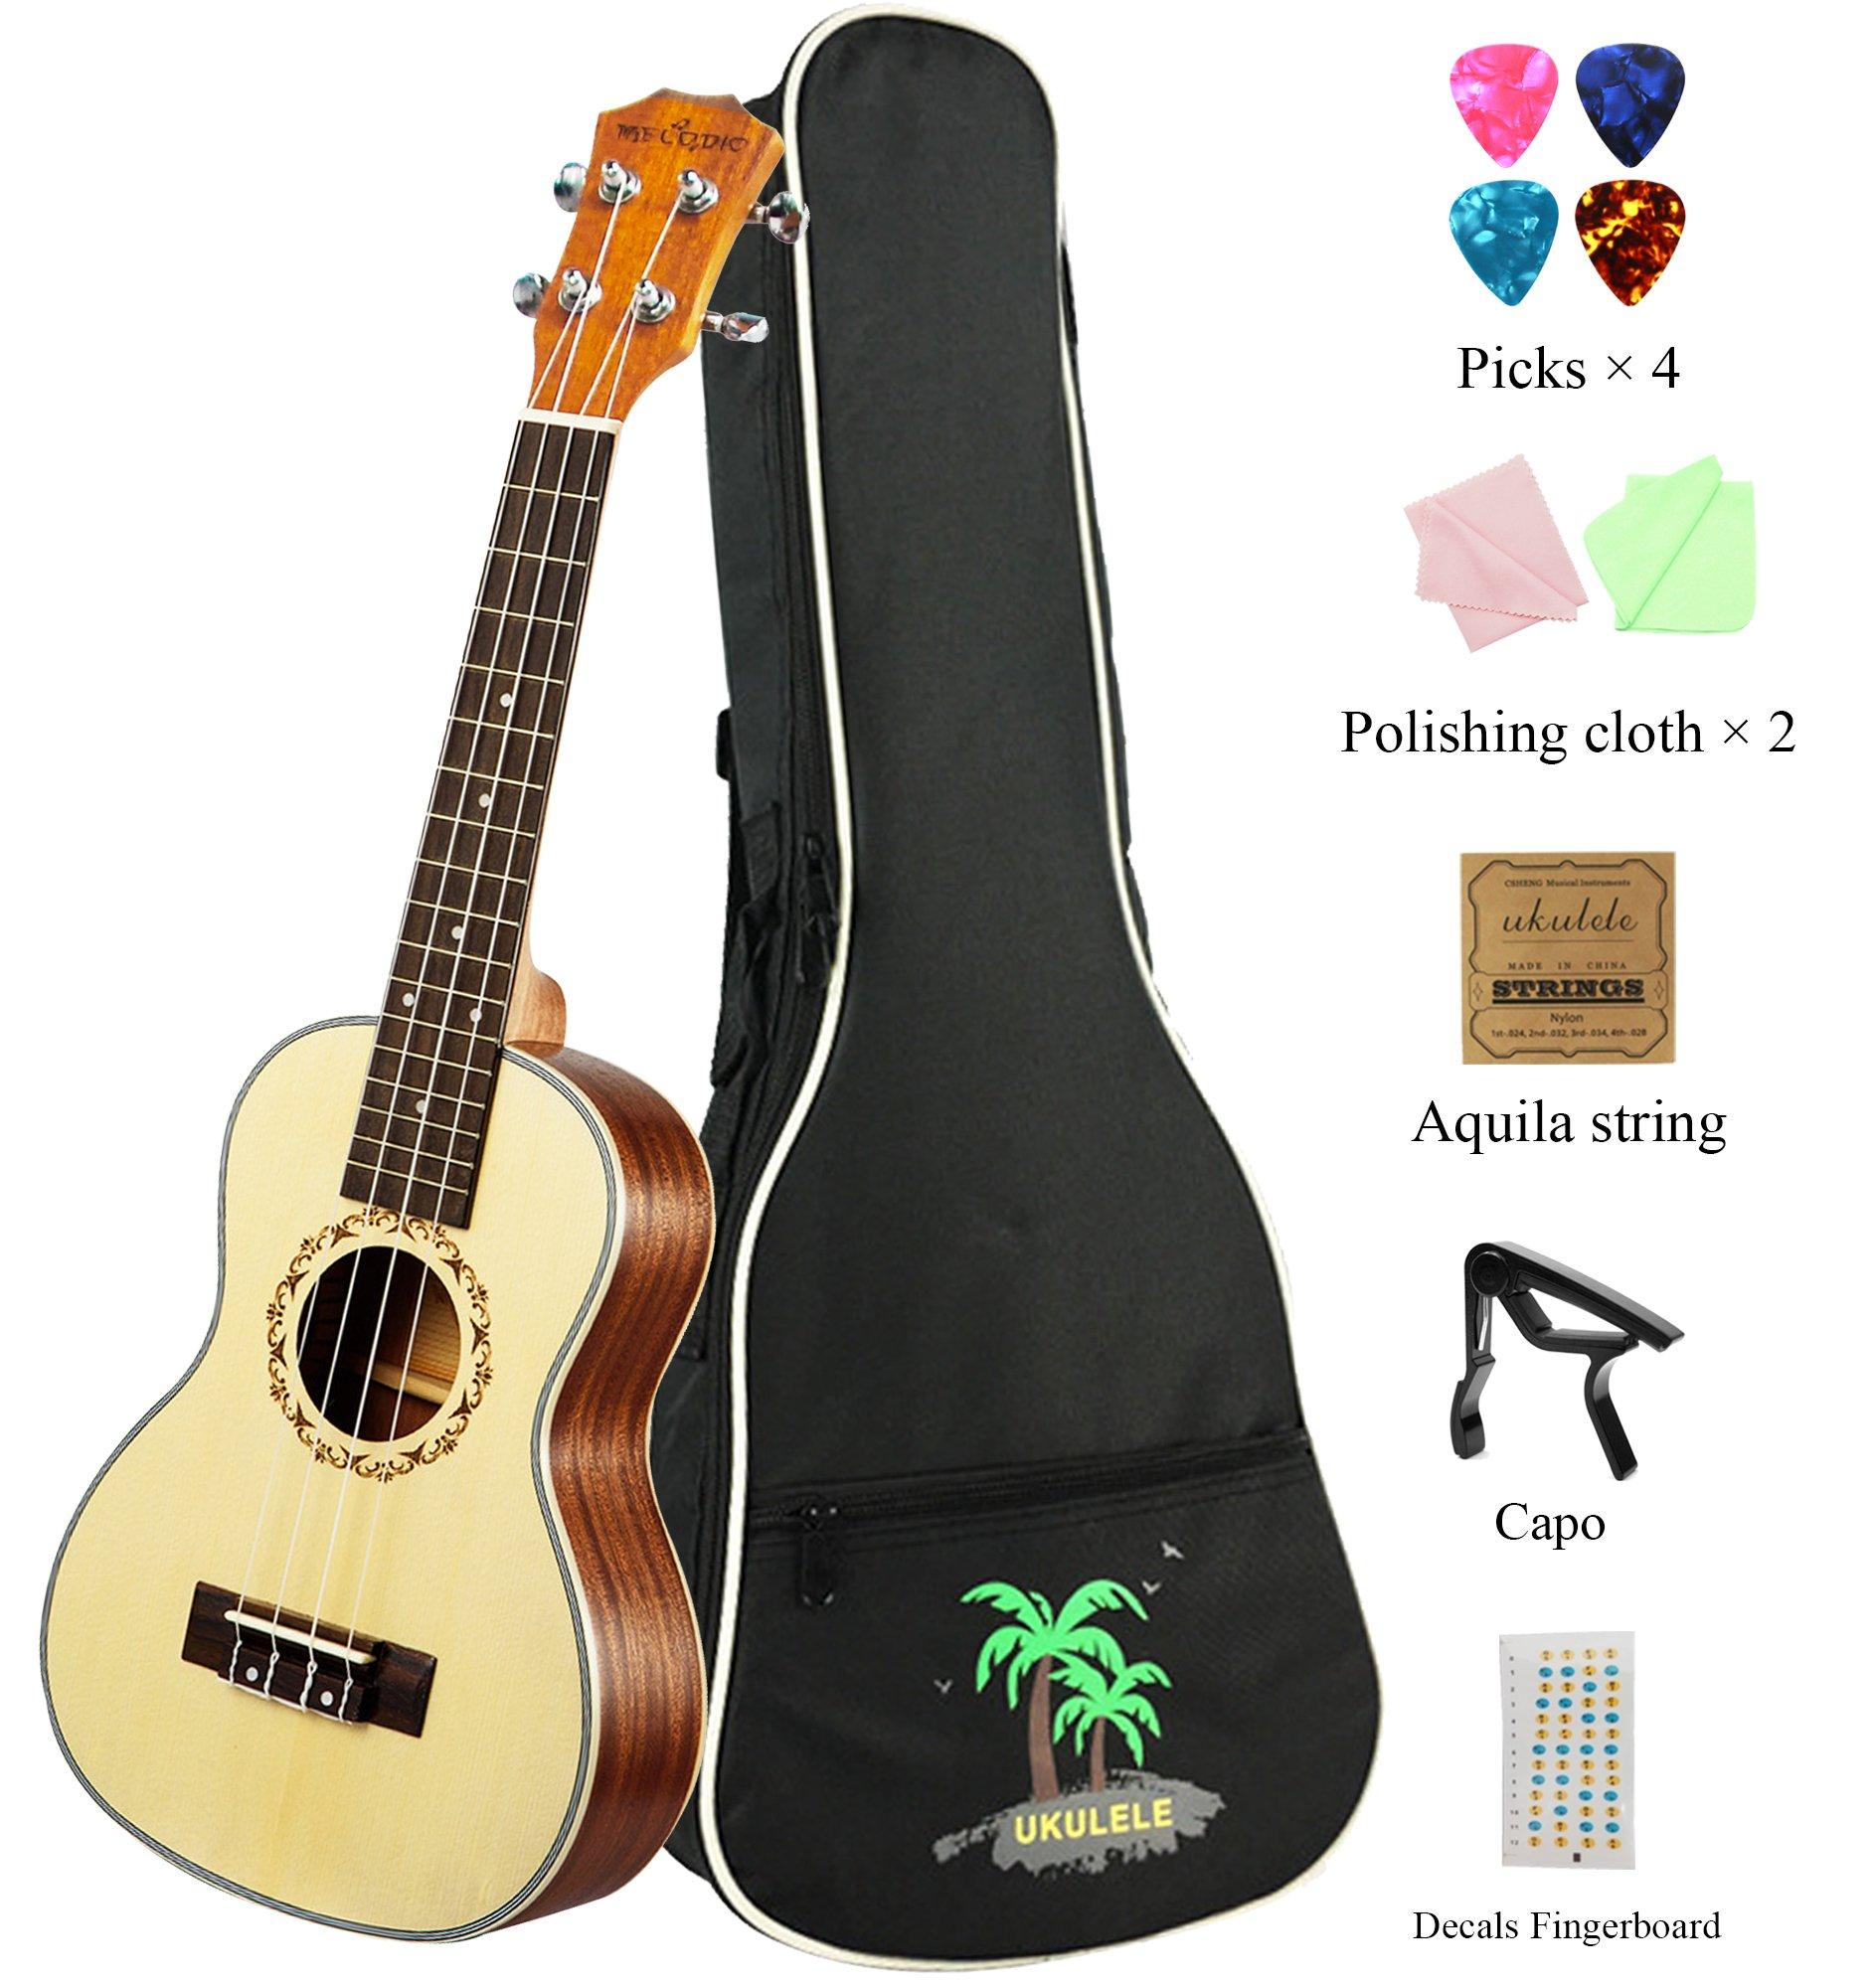 MELODIC Spruce Soprano Mahogany Ukulele 21 inch Ukulele Set With Gig Bag , Capo, Polishing Cloths, Decals Fingerboard, Strings (Spruce)